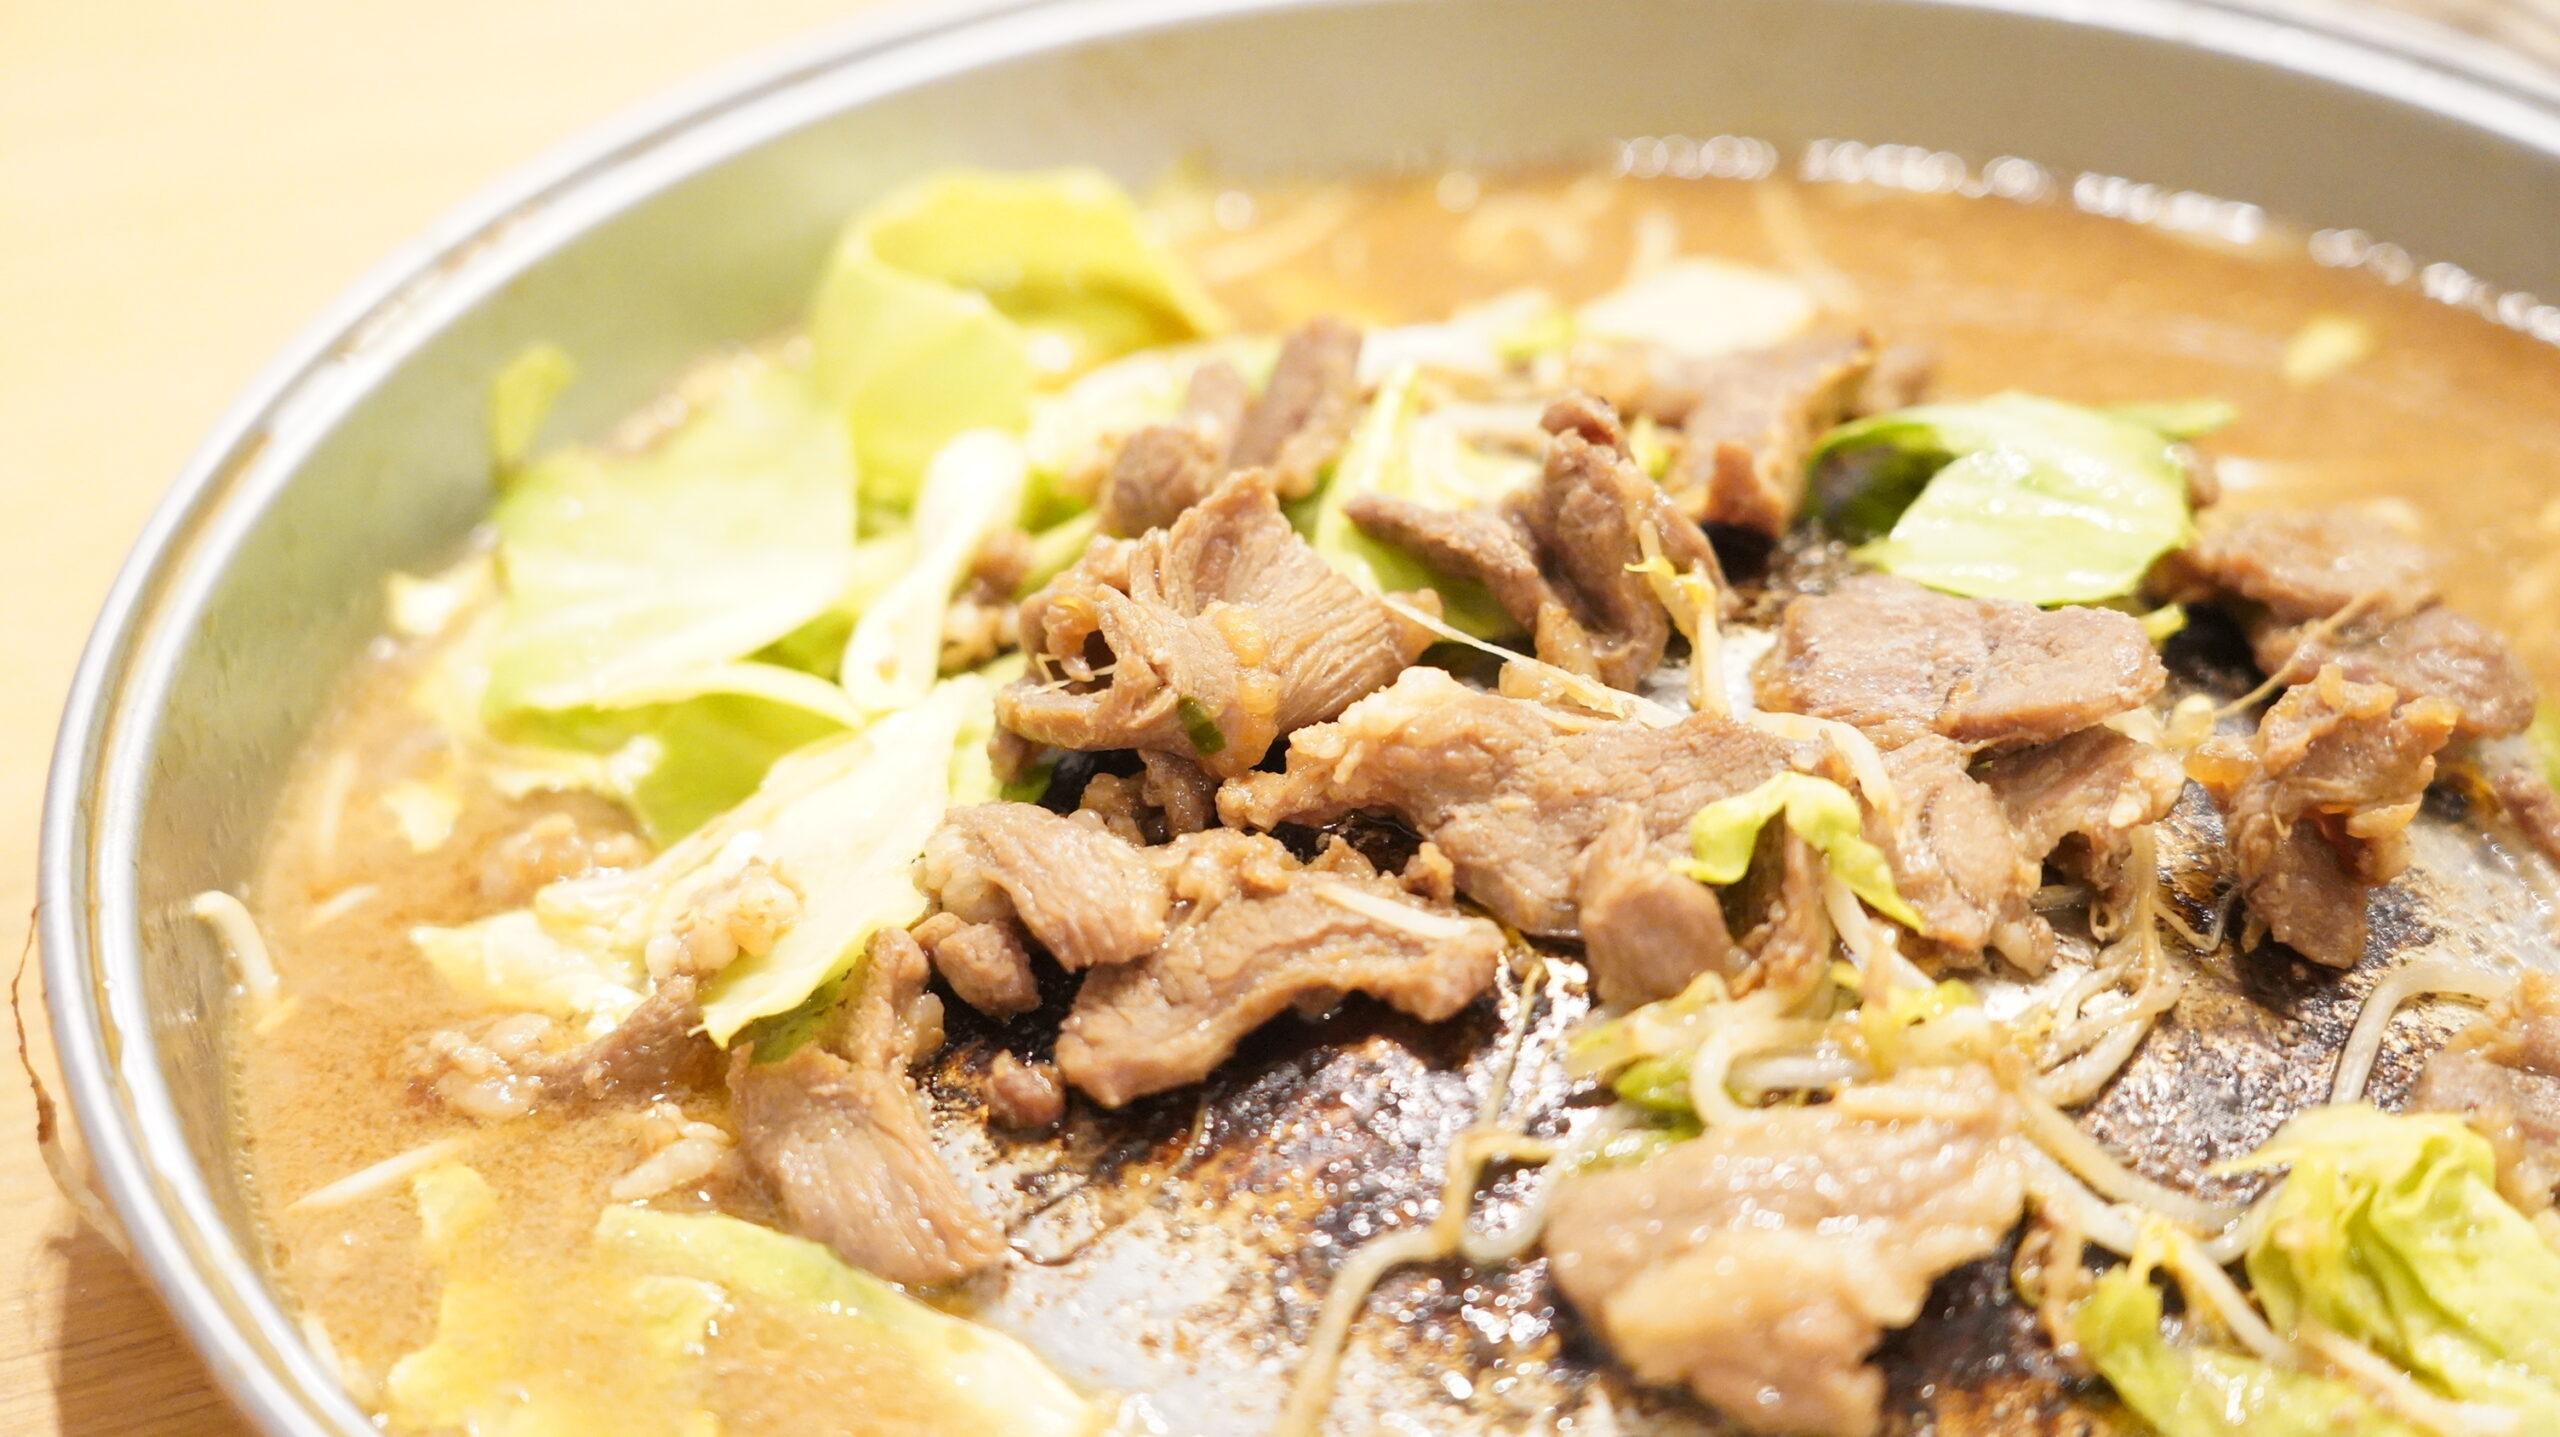 松尾ジンギスカンを通販でお取り寄せした冷凍マトン肉を鍋で焼いた写真